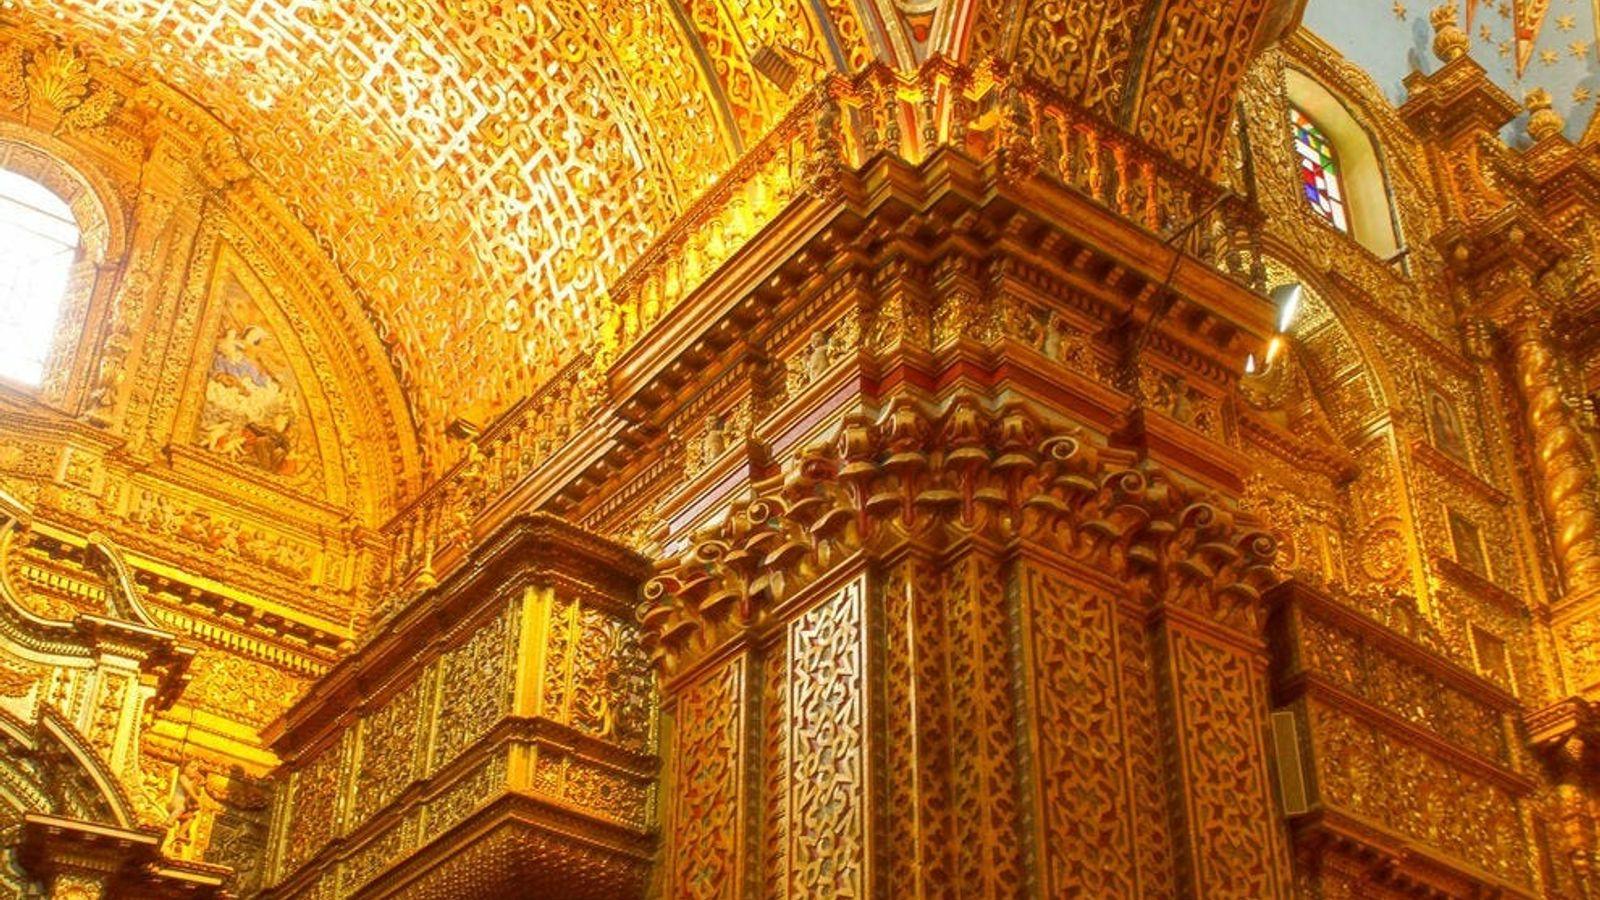 Les riches décorations intérieures de l'église de La Compañía de Jesús, à Quito, en Équateur.